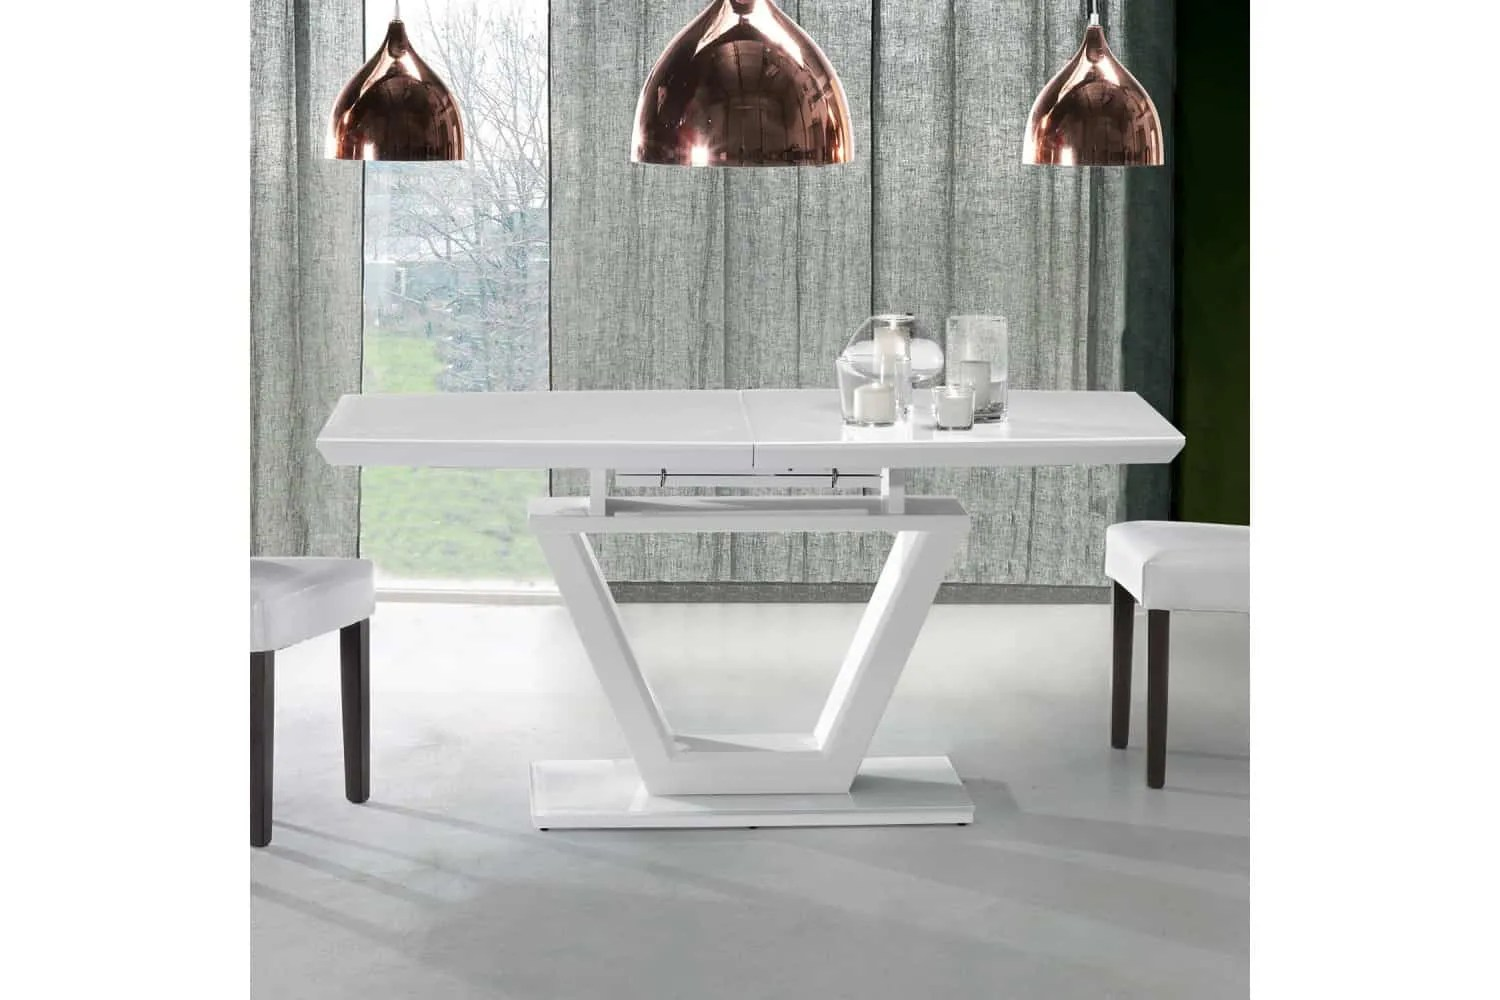 Mesas de comedor de diseo italiano combinadas madera